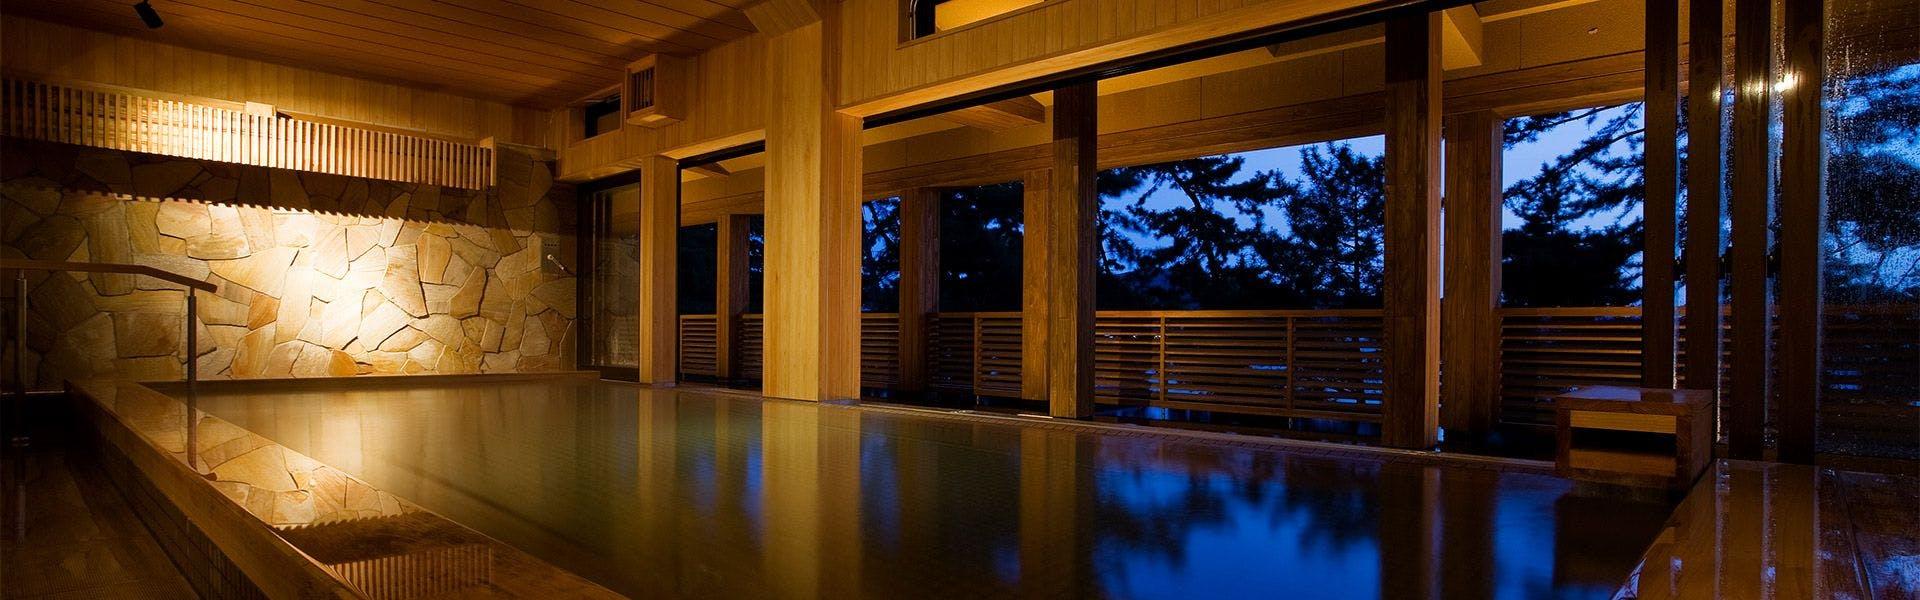 記念日におすすめのホテル・夢海游 淡路島の写真3